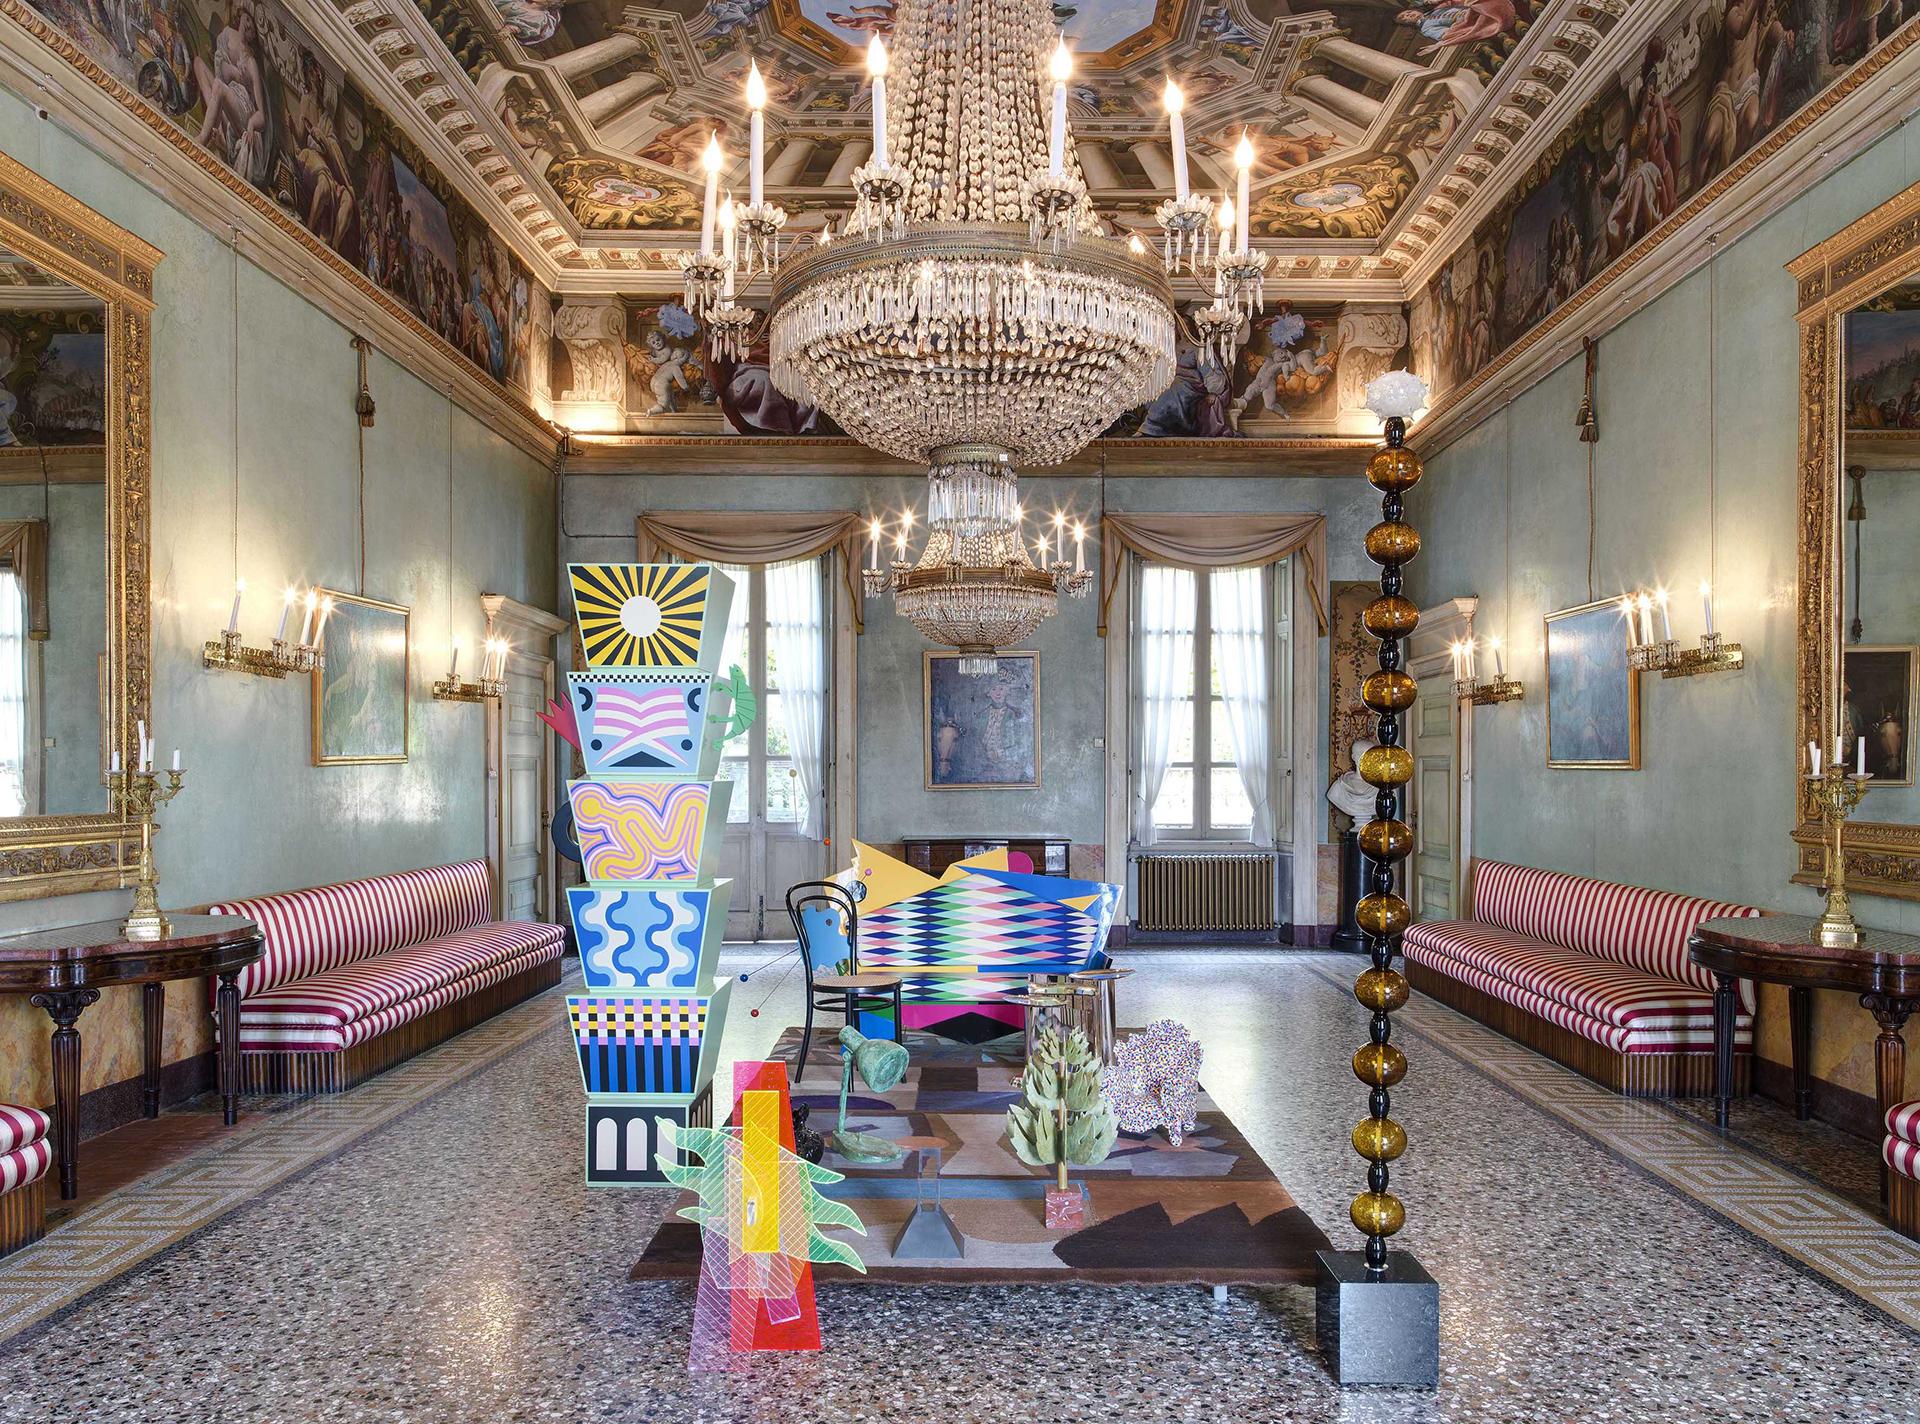 Designers for Bergamo: онлайн-проект с участием 20 звезд итальянского дизайна